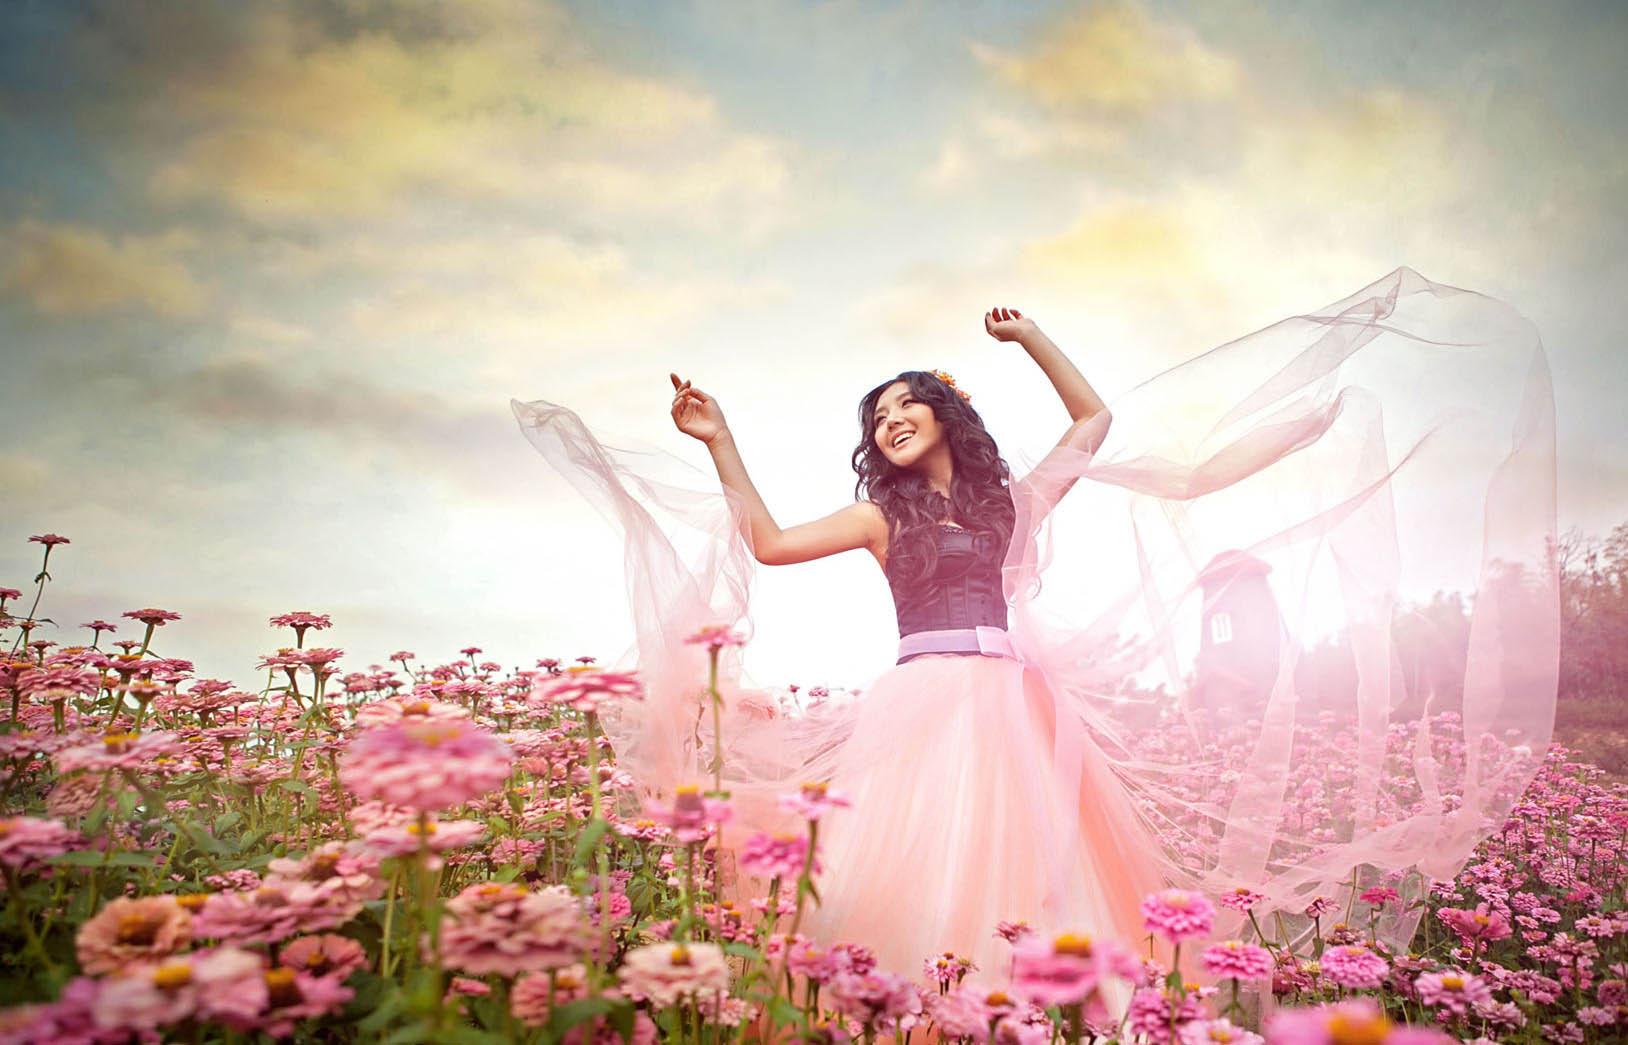 自然一派婚纱摄影,陪你见证最美的幸福_郑州婚纱摄影哪家好高清图片